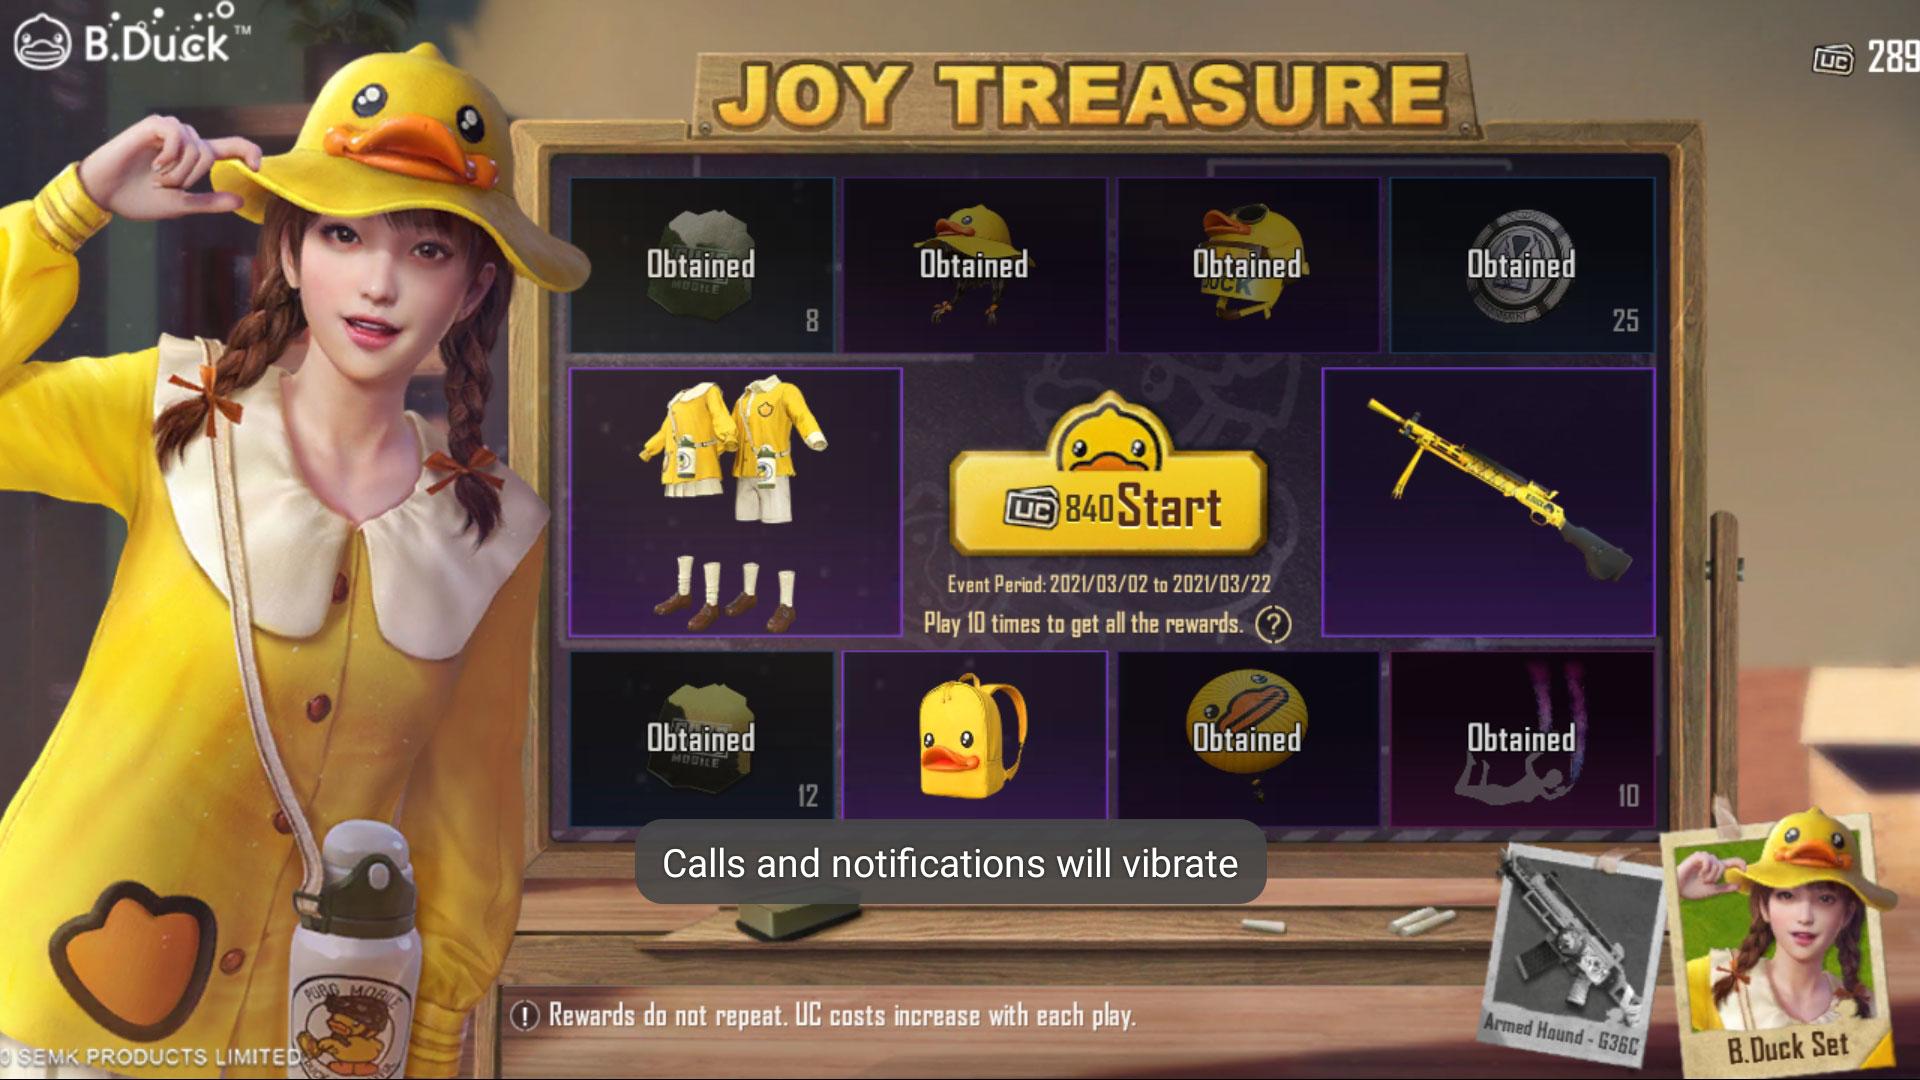 PUBG Mobile B-Duck Joy Treasure